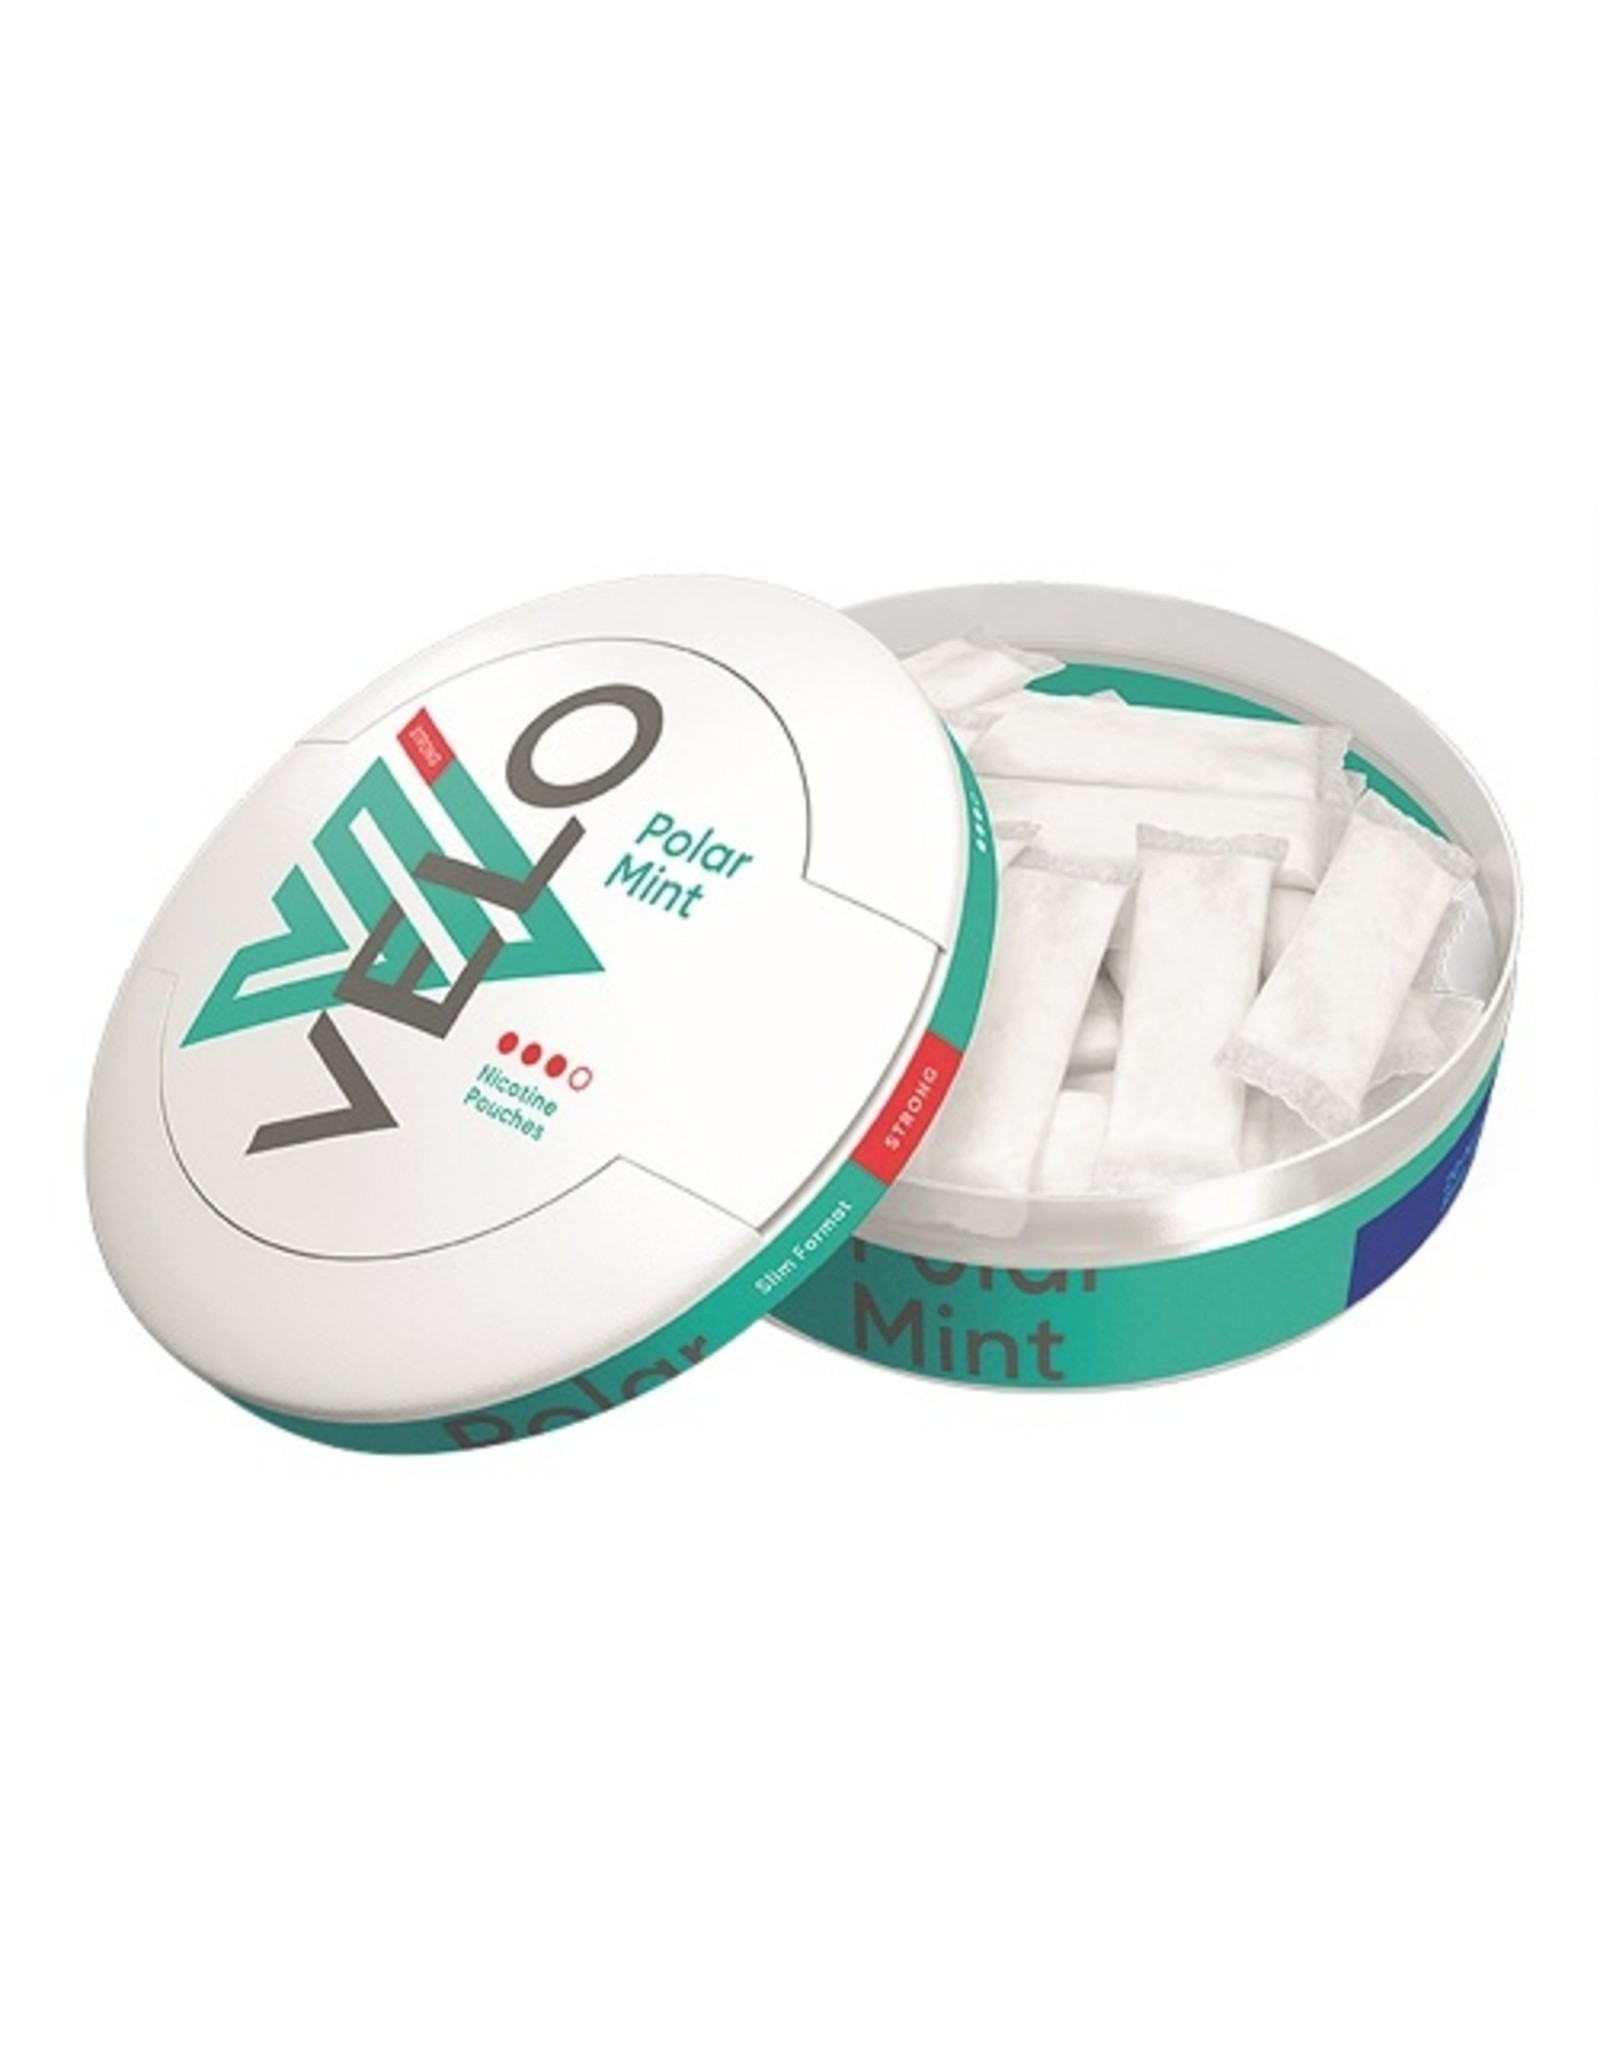 Velo Polar Mint - Strong Slim